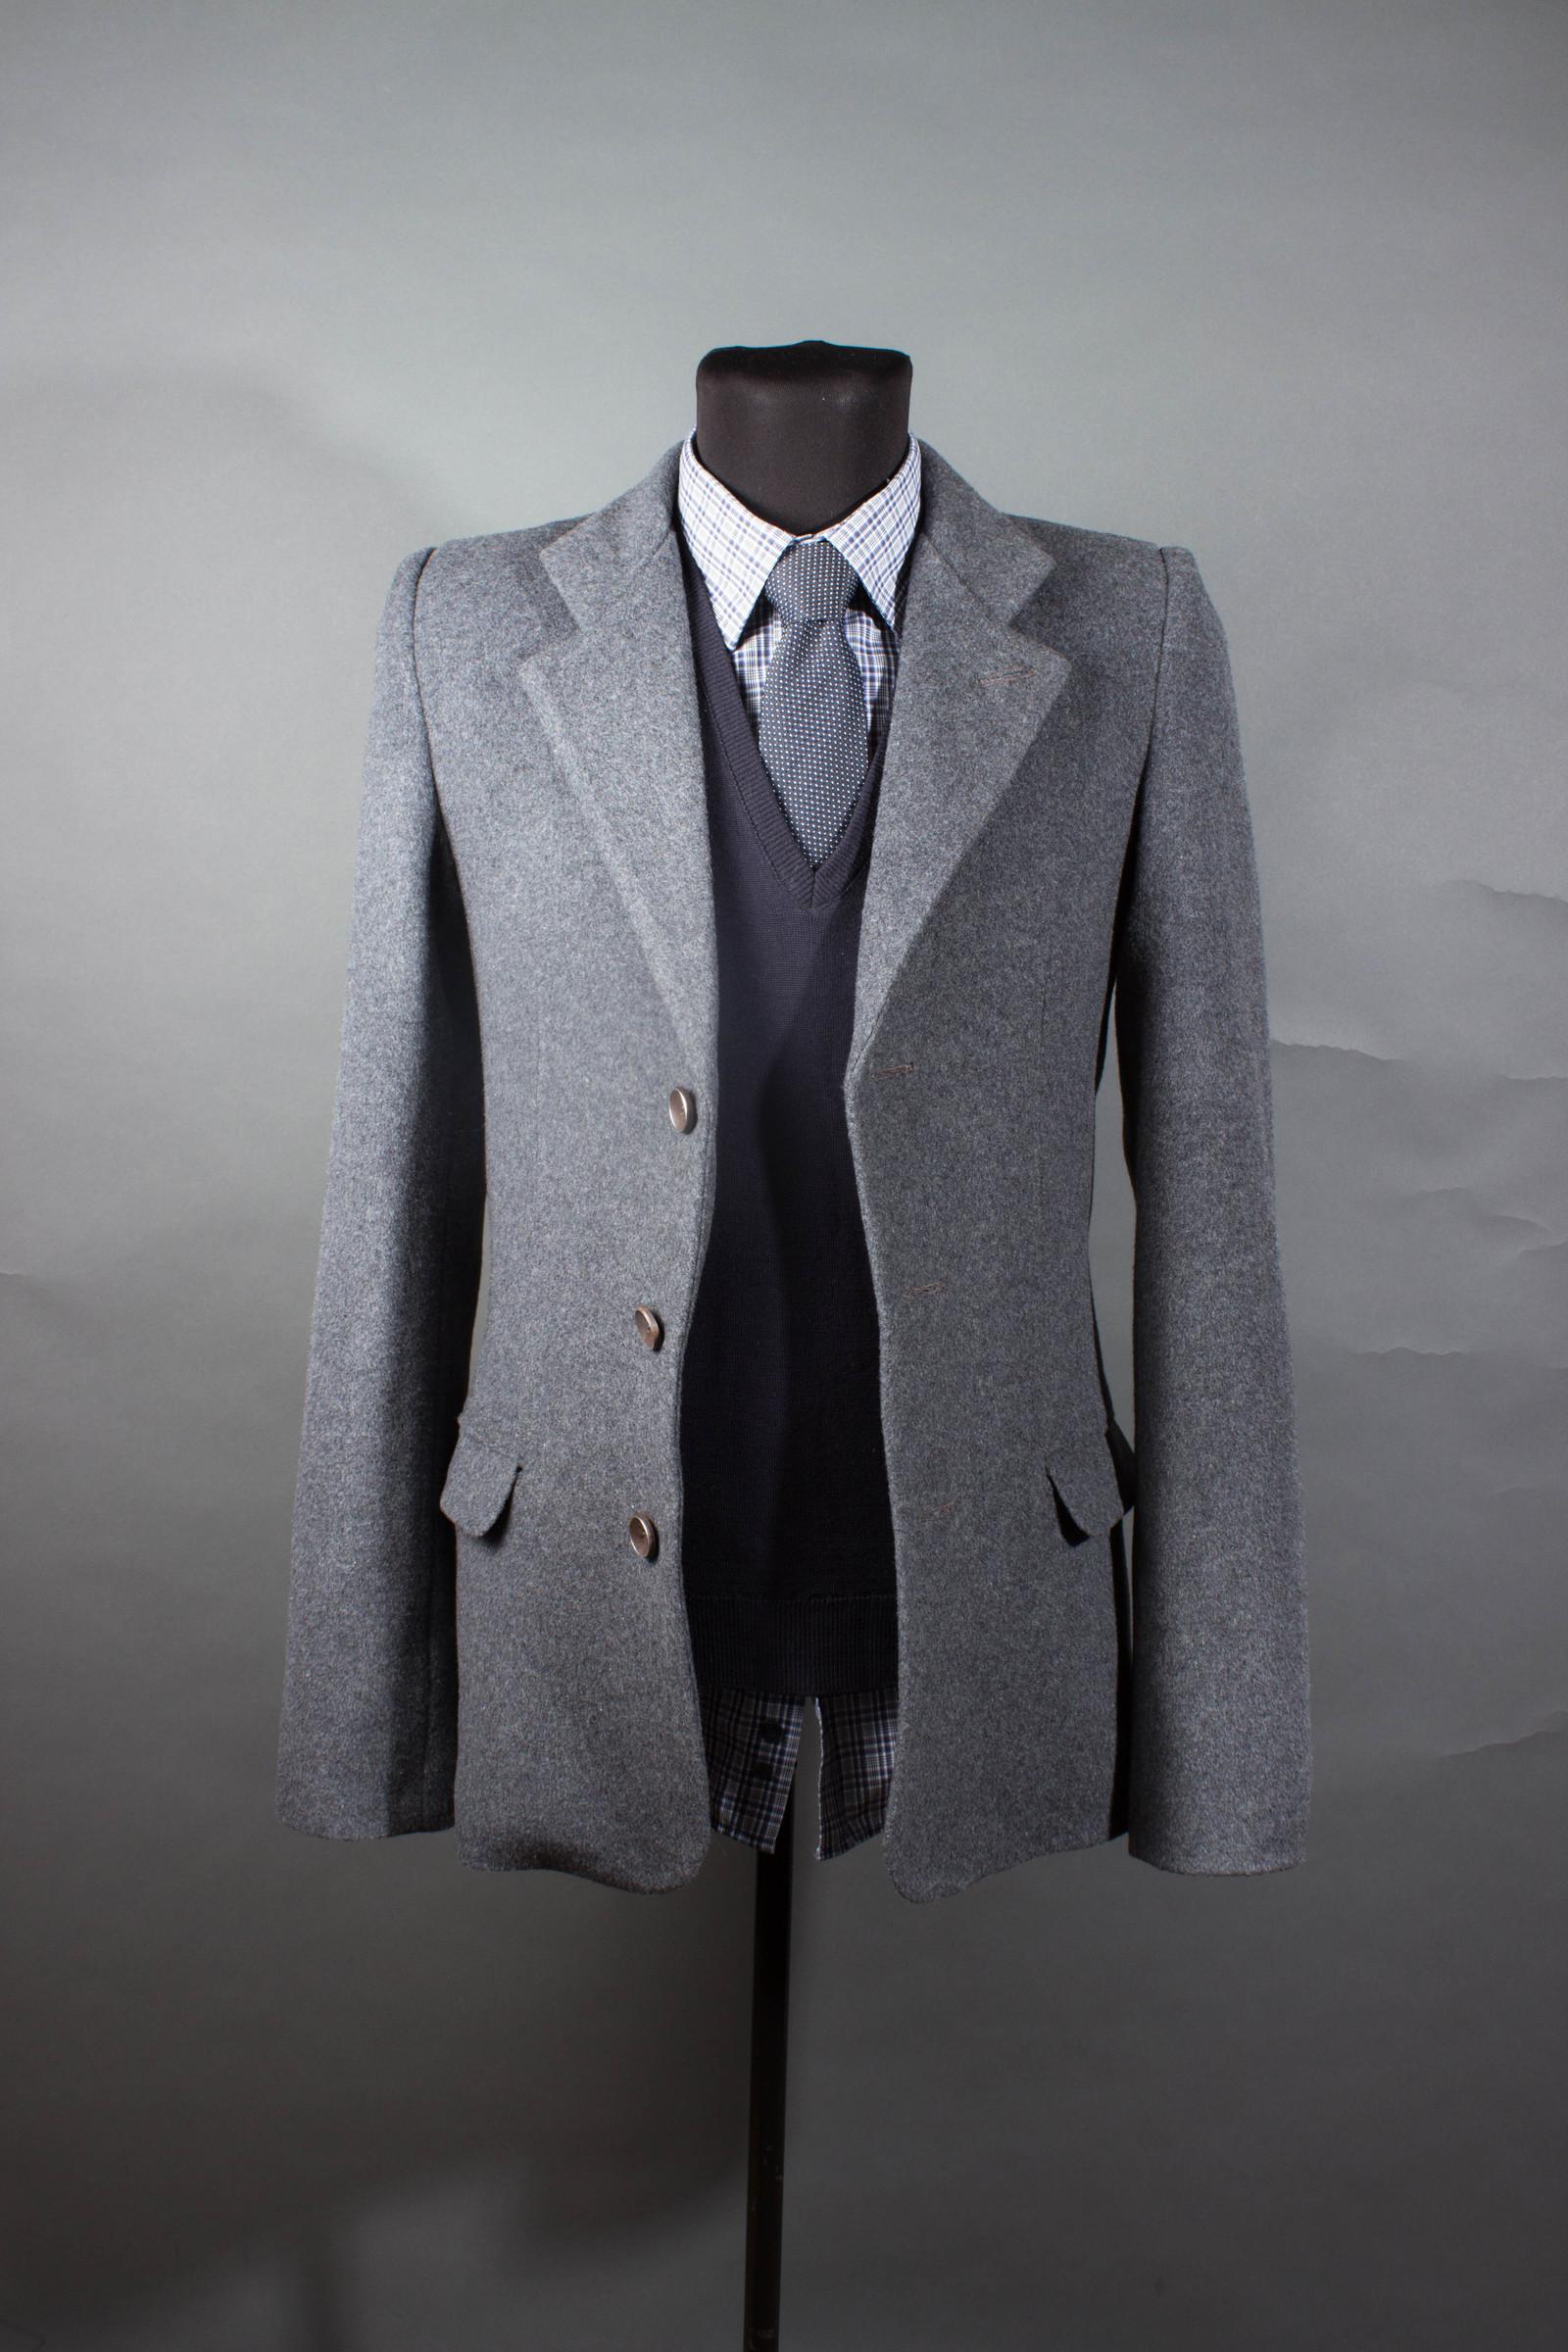 47fddb67edcd Подмостовье, Пиджак, Мужская одежда, Необычная одежда, Длиннопост, Одежда